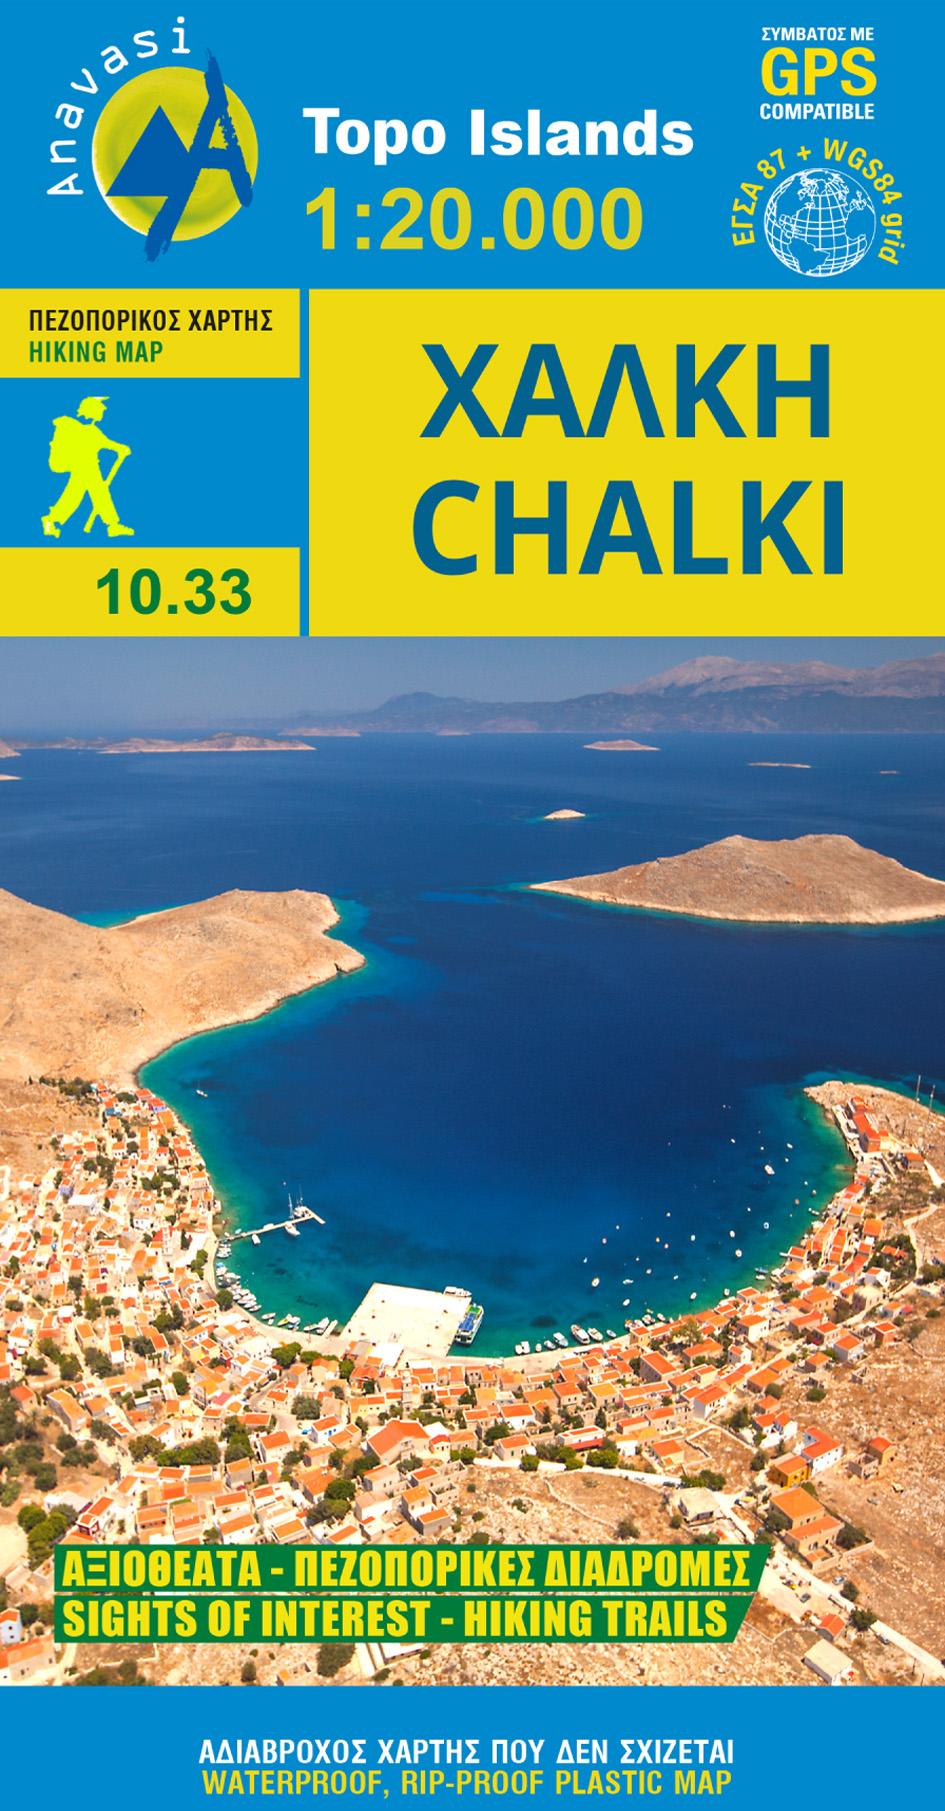 Chalki [10.33]